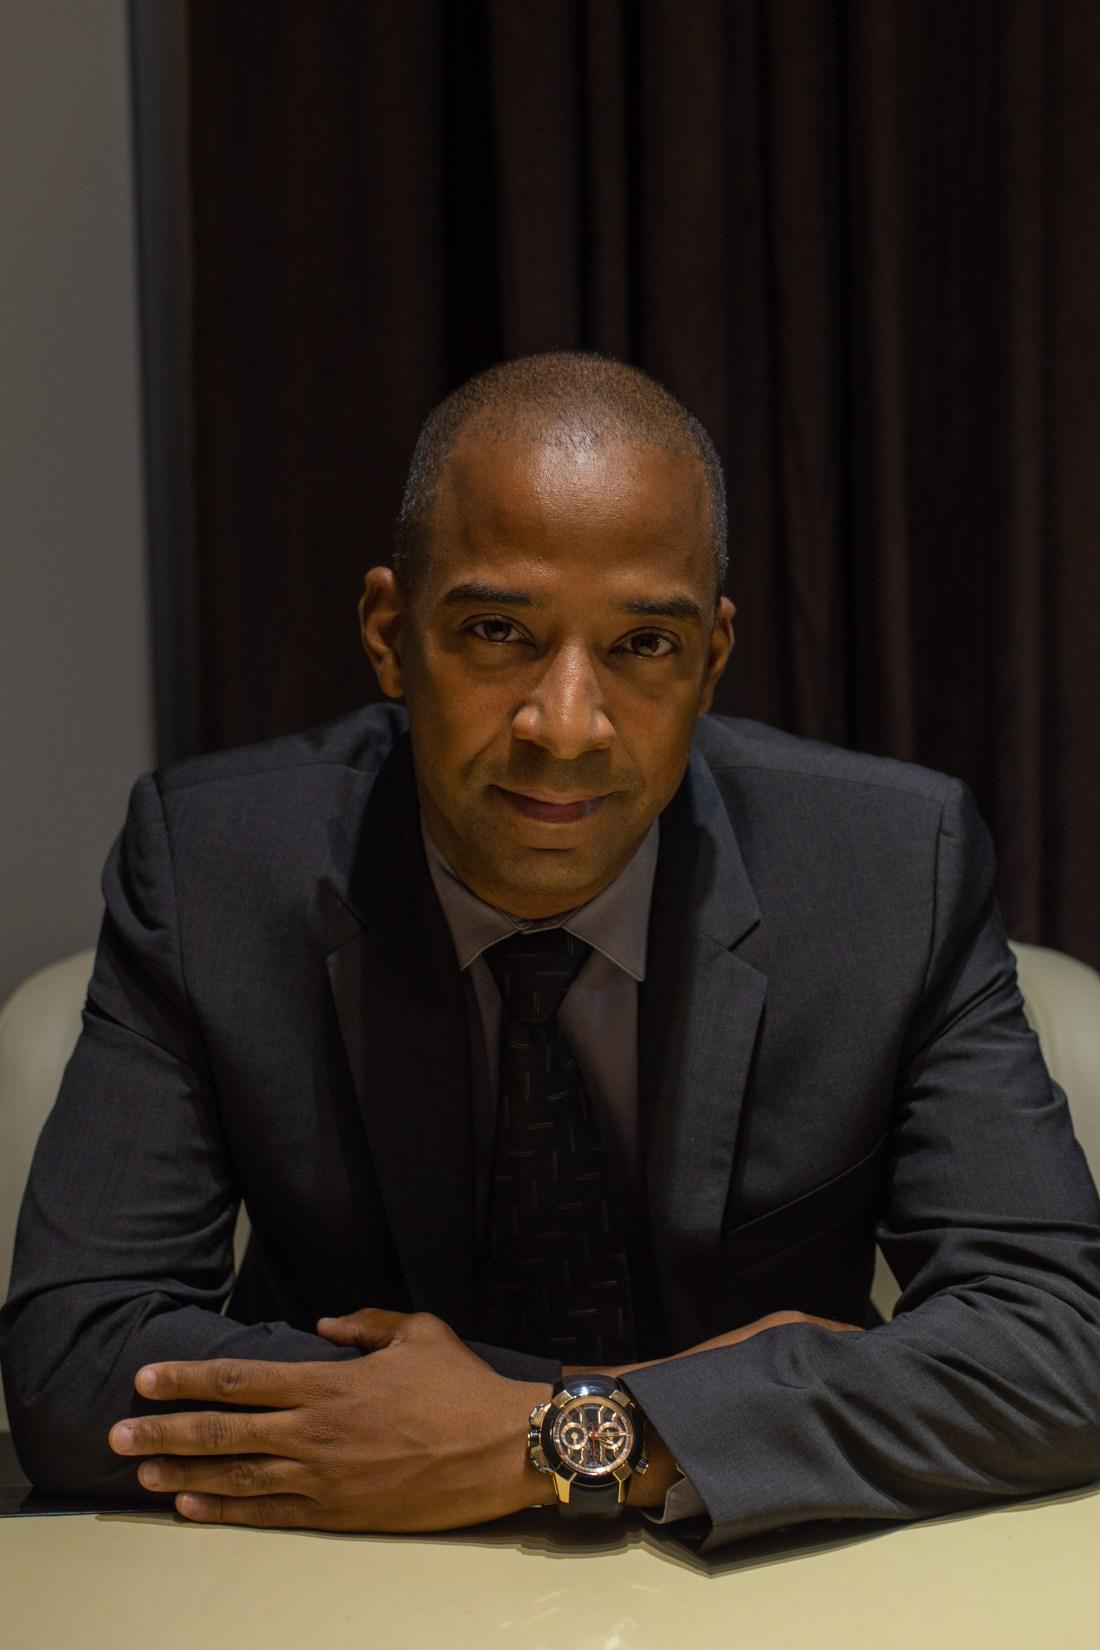 Dwayne Grannum con saco y corbata en negro y camisa azul sentado recargado en una mesa